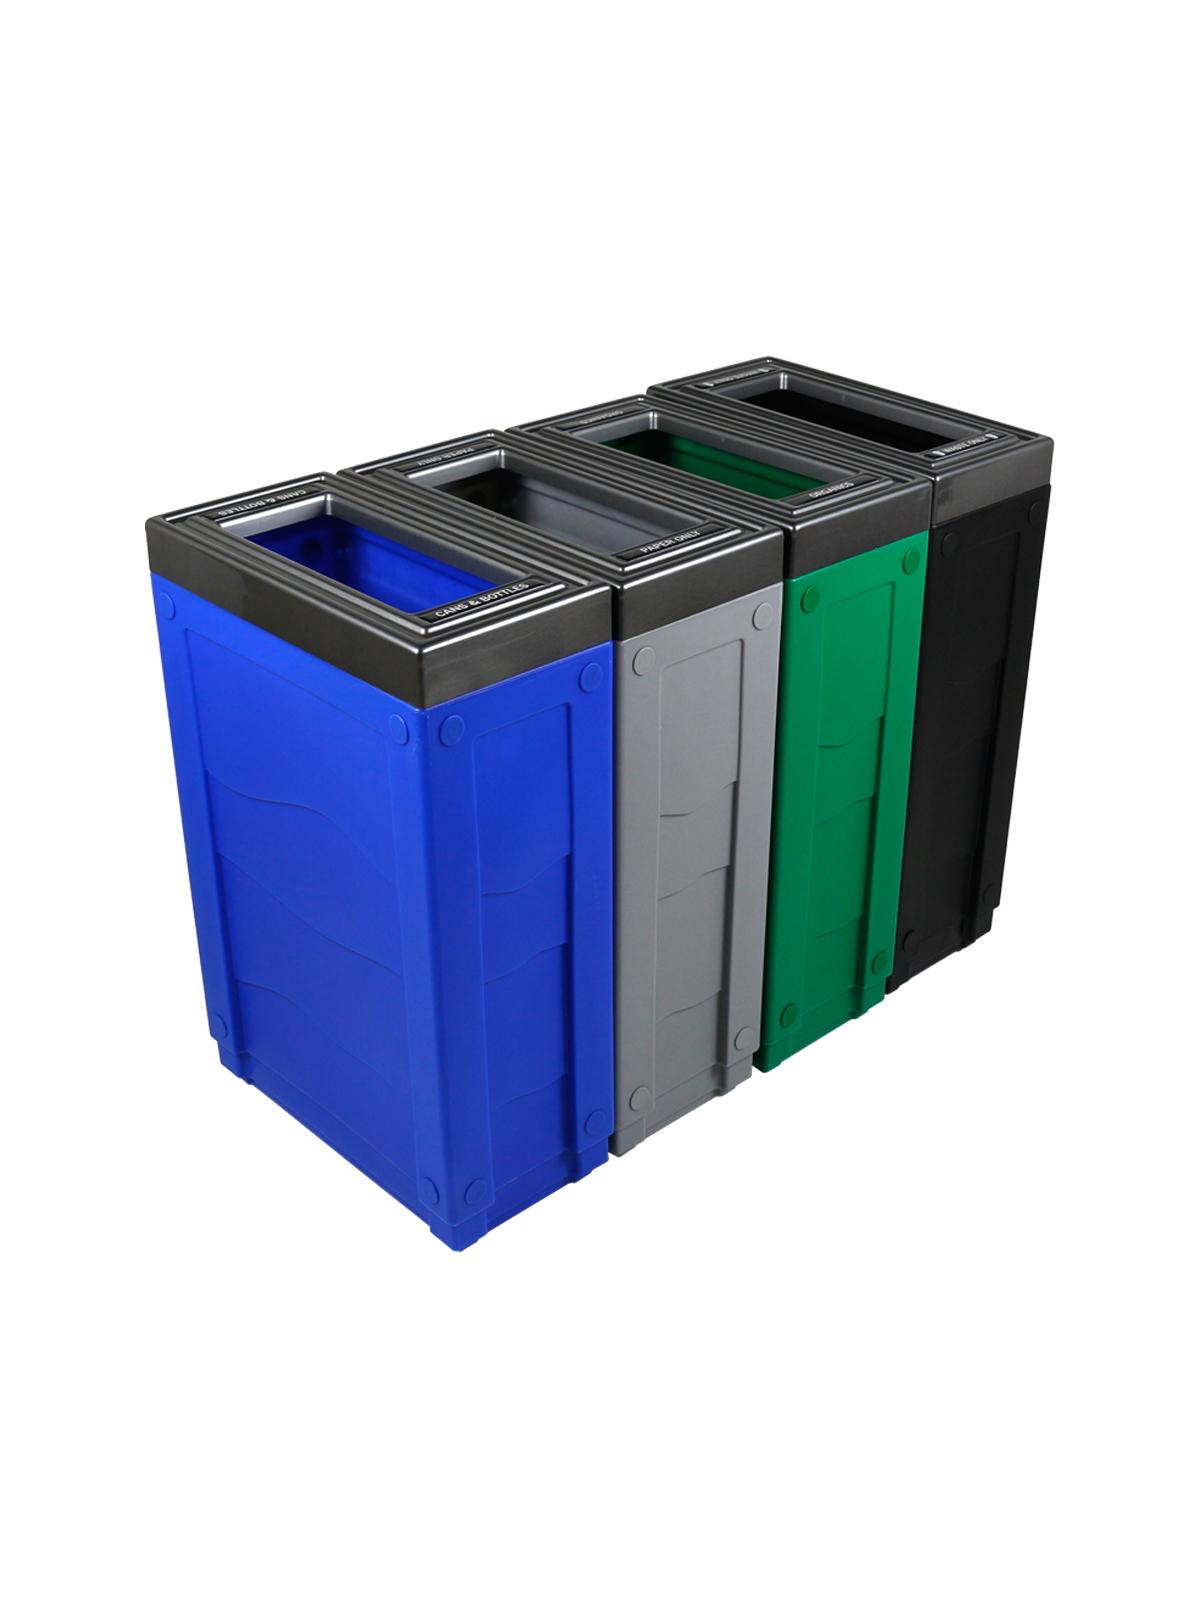 EVOLVE - Quad - Cans & Bottles-Paper-Organics-Waste - Full - Blue-Grey-Green-Black